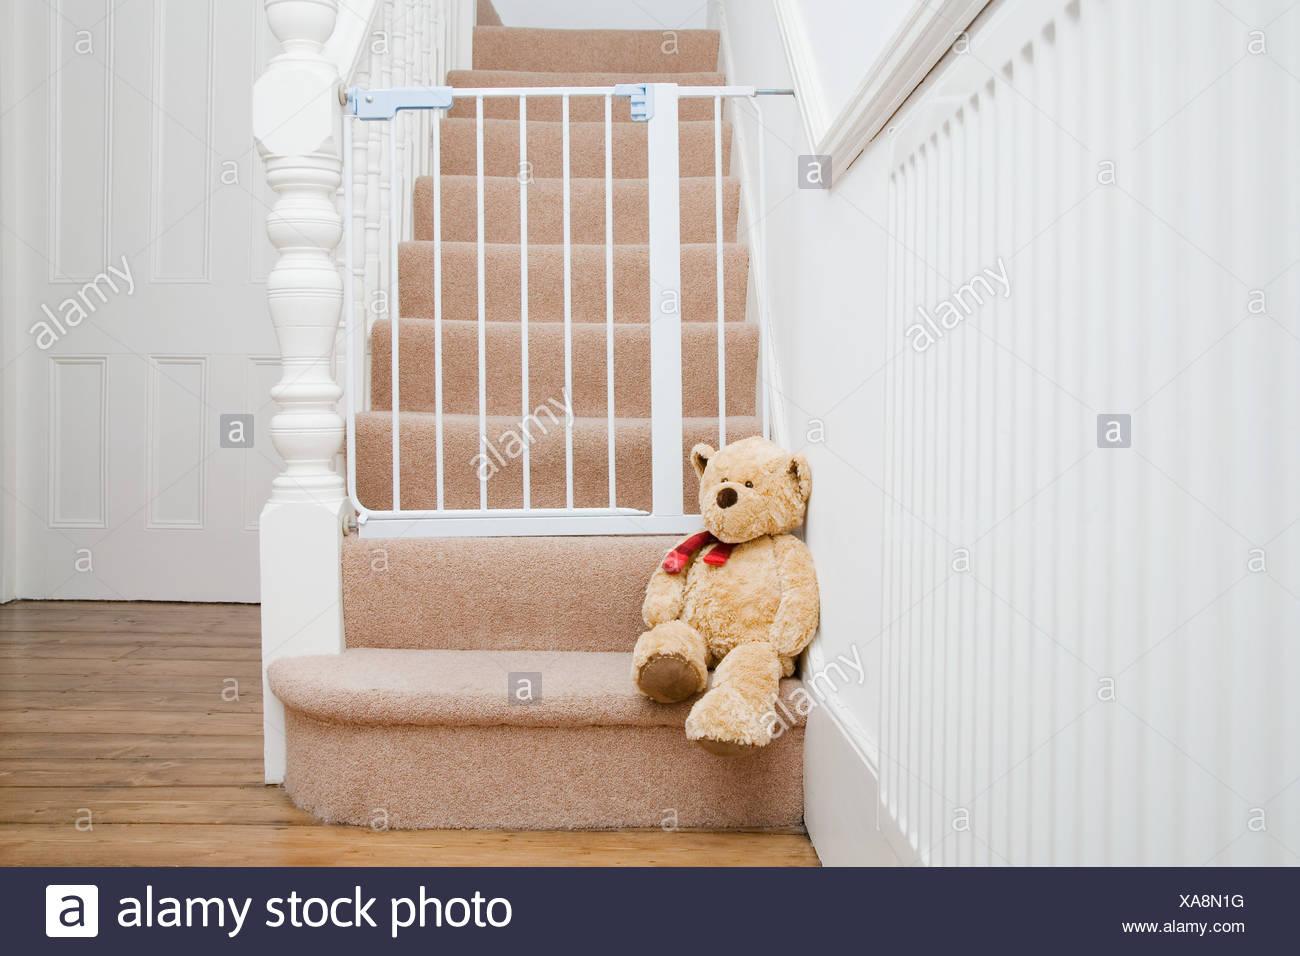 Barriere Escalier En Colimaçon tapis d'escalier photos & tapis d'escalier images - alamy